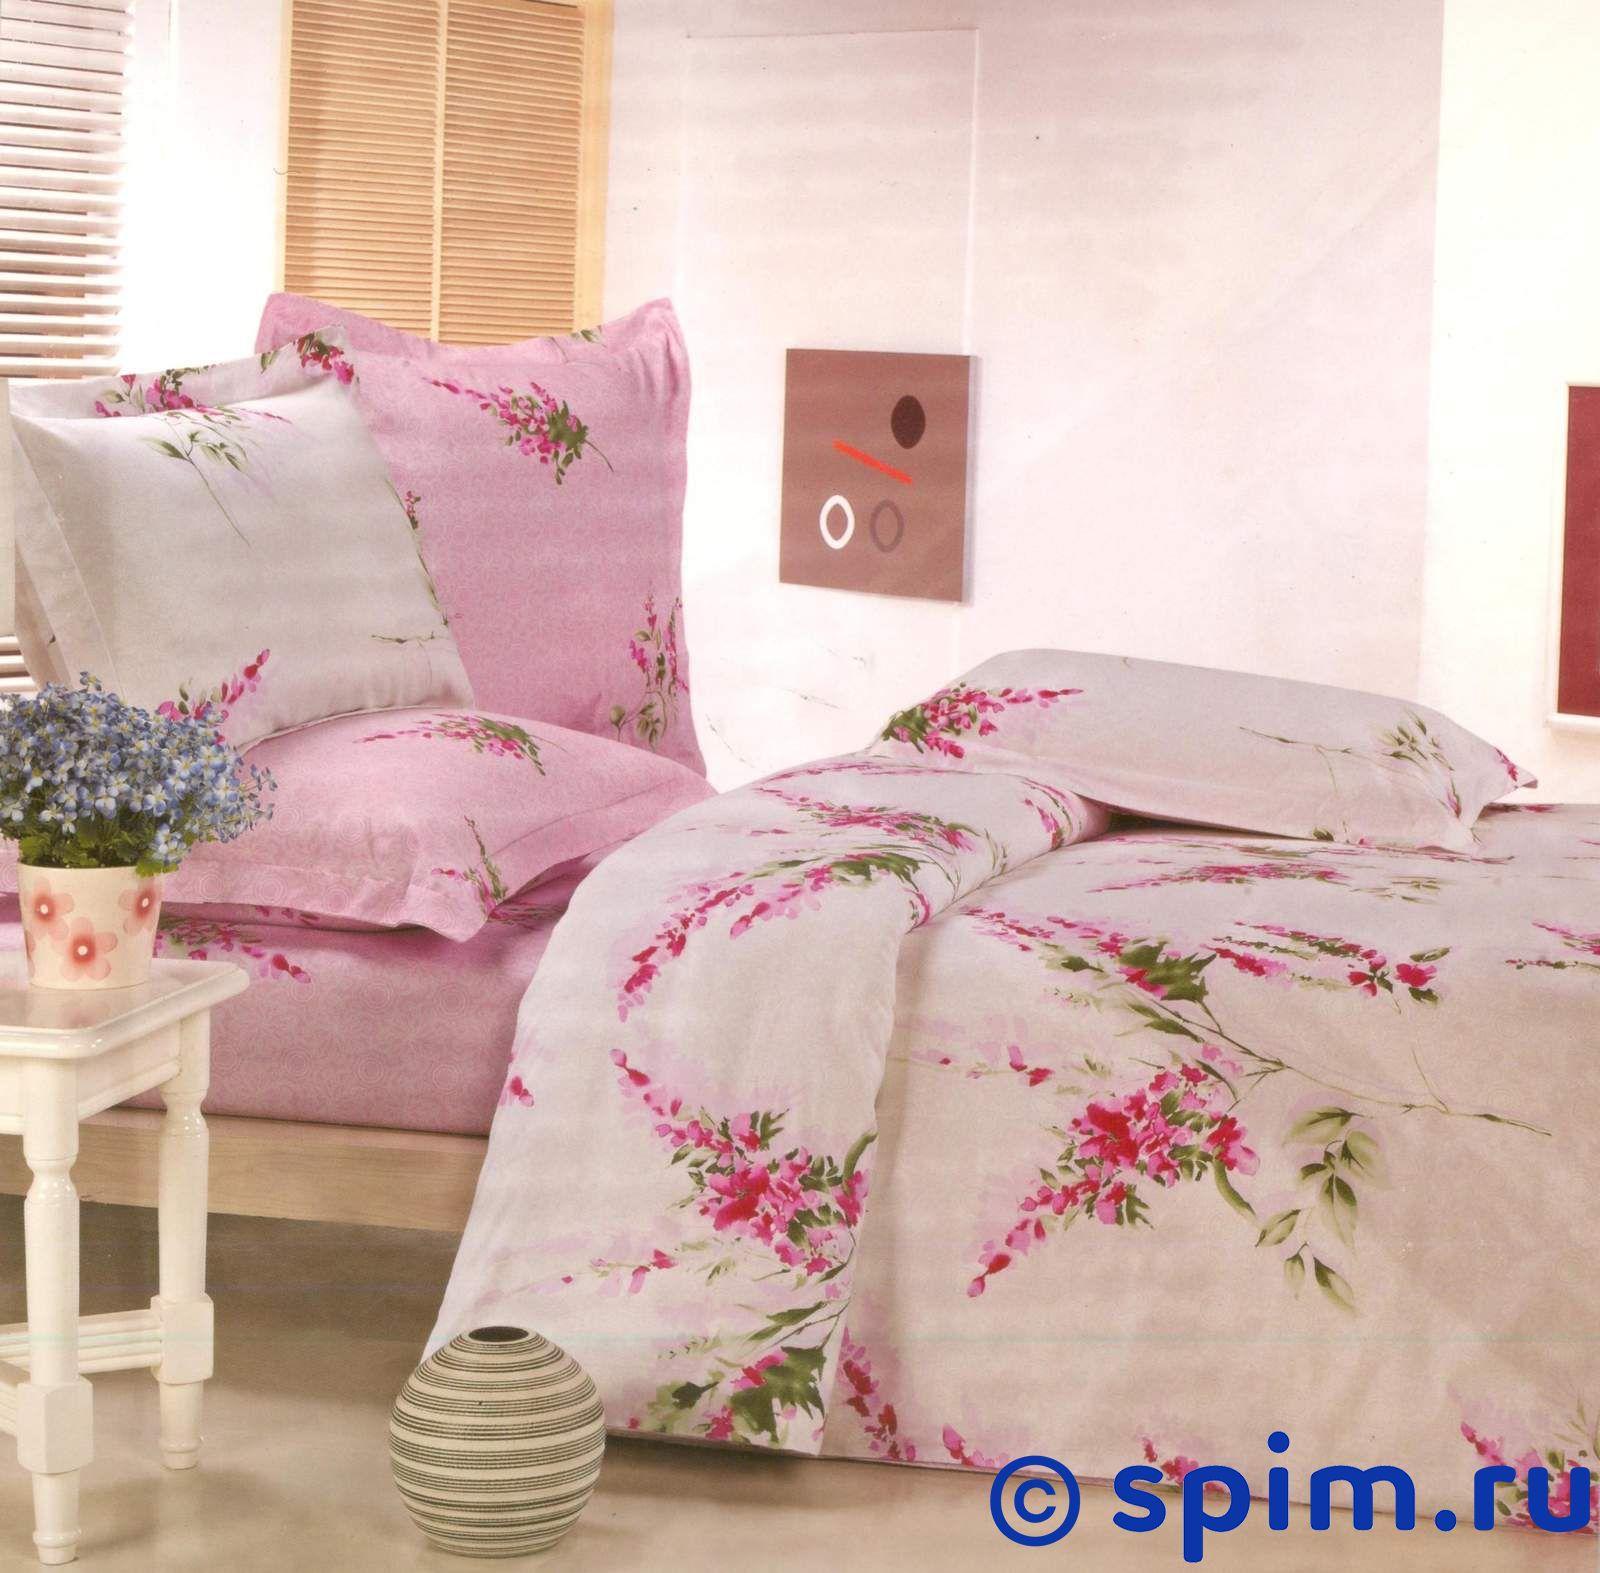 Комплект СайлиД В59 (2) СемейноеСатиновое постельное белье СайлиД<br>Материал: 100% хлопок (печатный сатин). Плотность, г/м2: 130. Размер Sailid Б: Семейное<br><br>Размер: Семейное